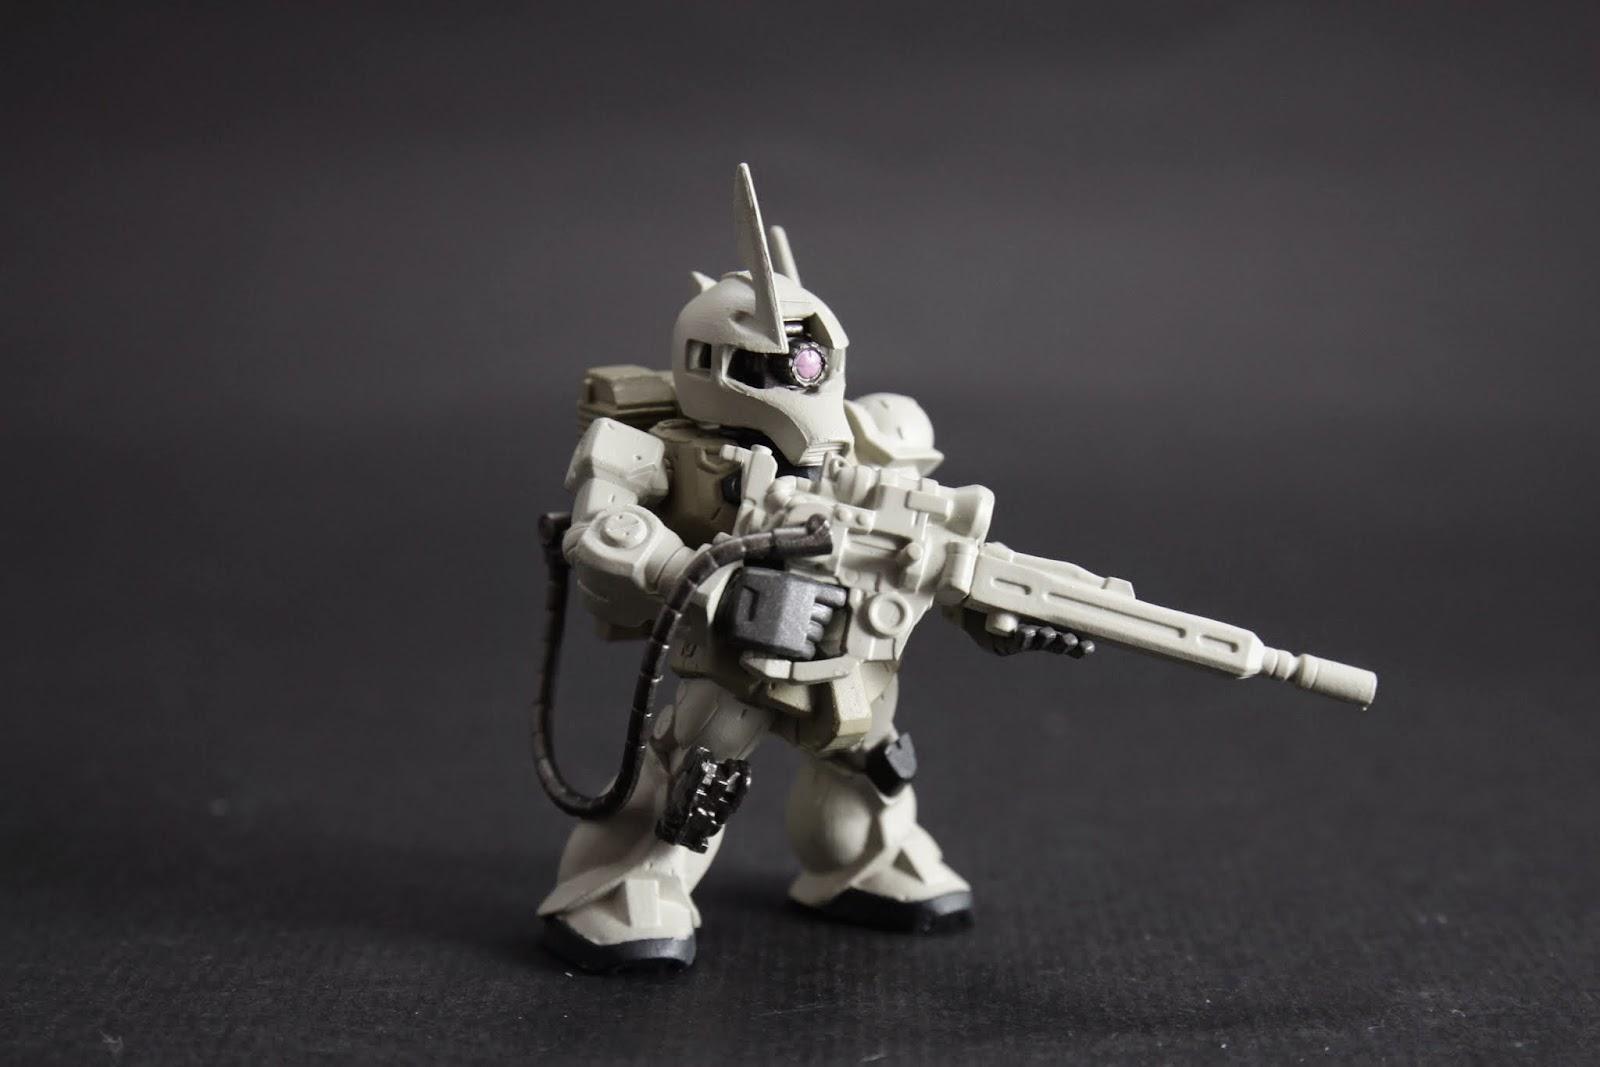 不過因為是擔任長距離狙擊 所以基本上機體性能不用多高